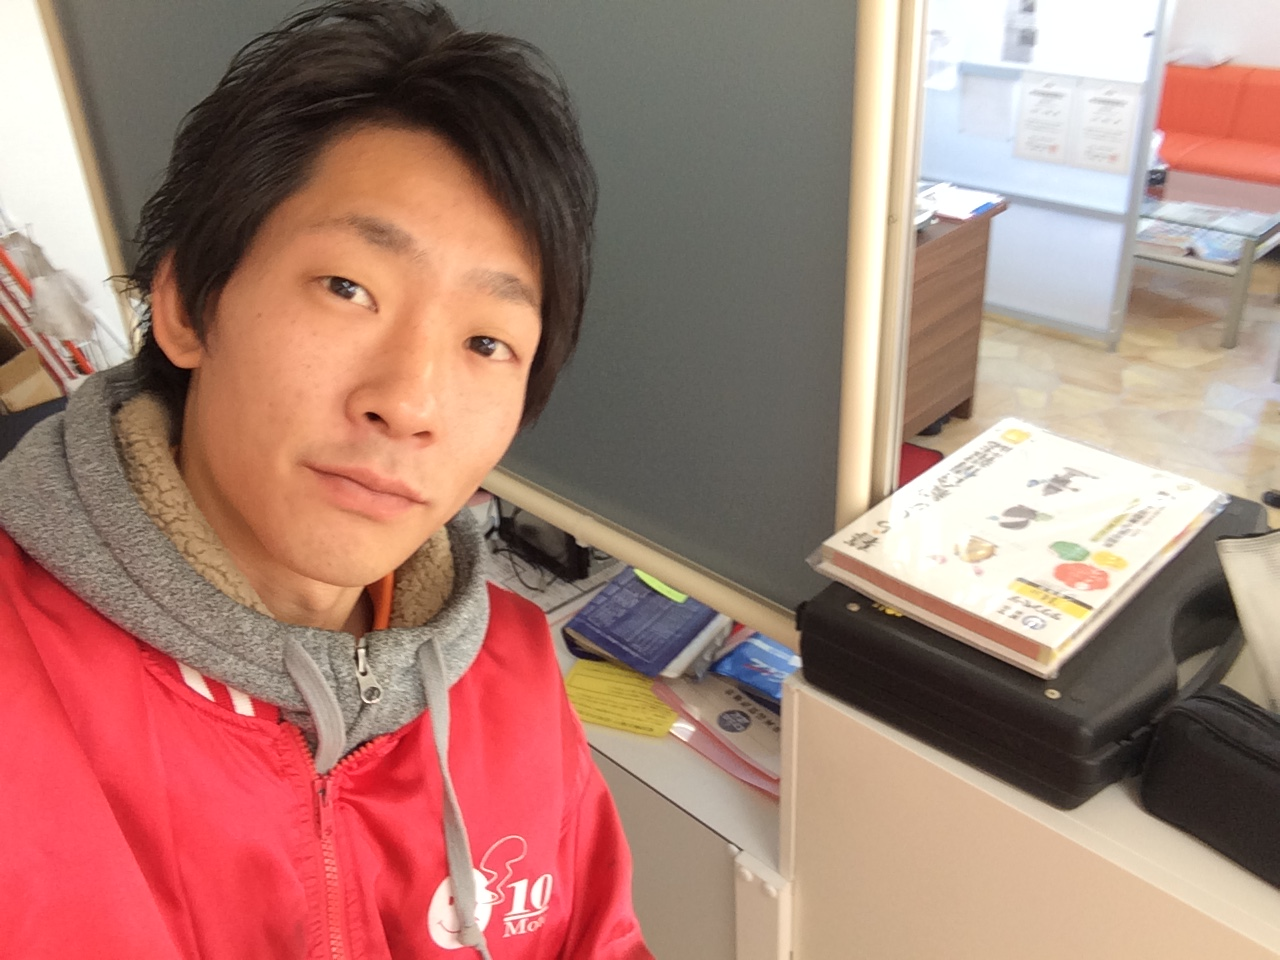 ノア・ヴォクシー・タント・ラパン・ライフ・軽自動車・店長クマブログ_b0127002_1757926.jpg